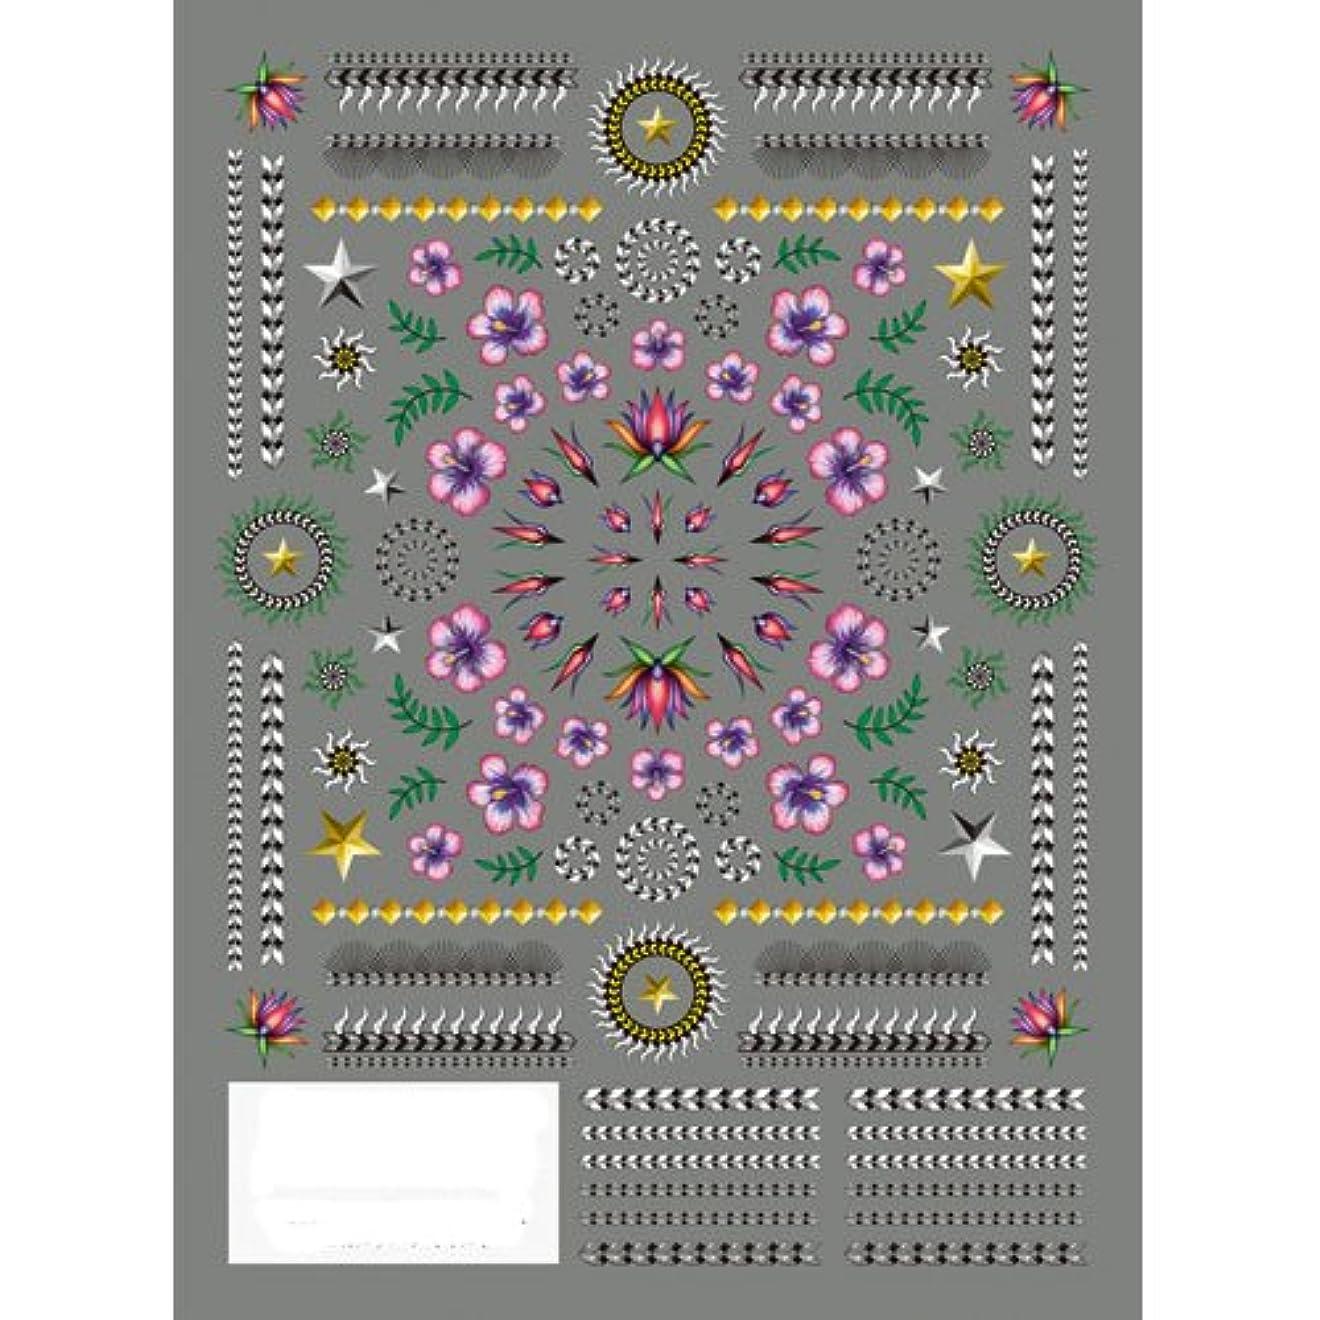 コーデリア建物泣き叫ぶツメキラ(TSUMEKIRA) ネイル用シール トロピカルアバンギャルド NN-TRA-101